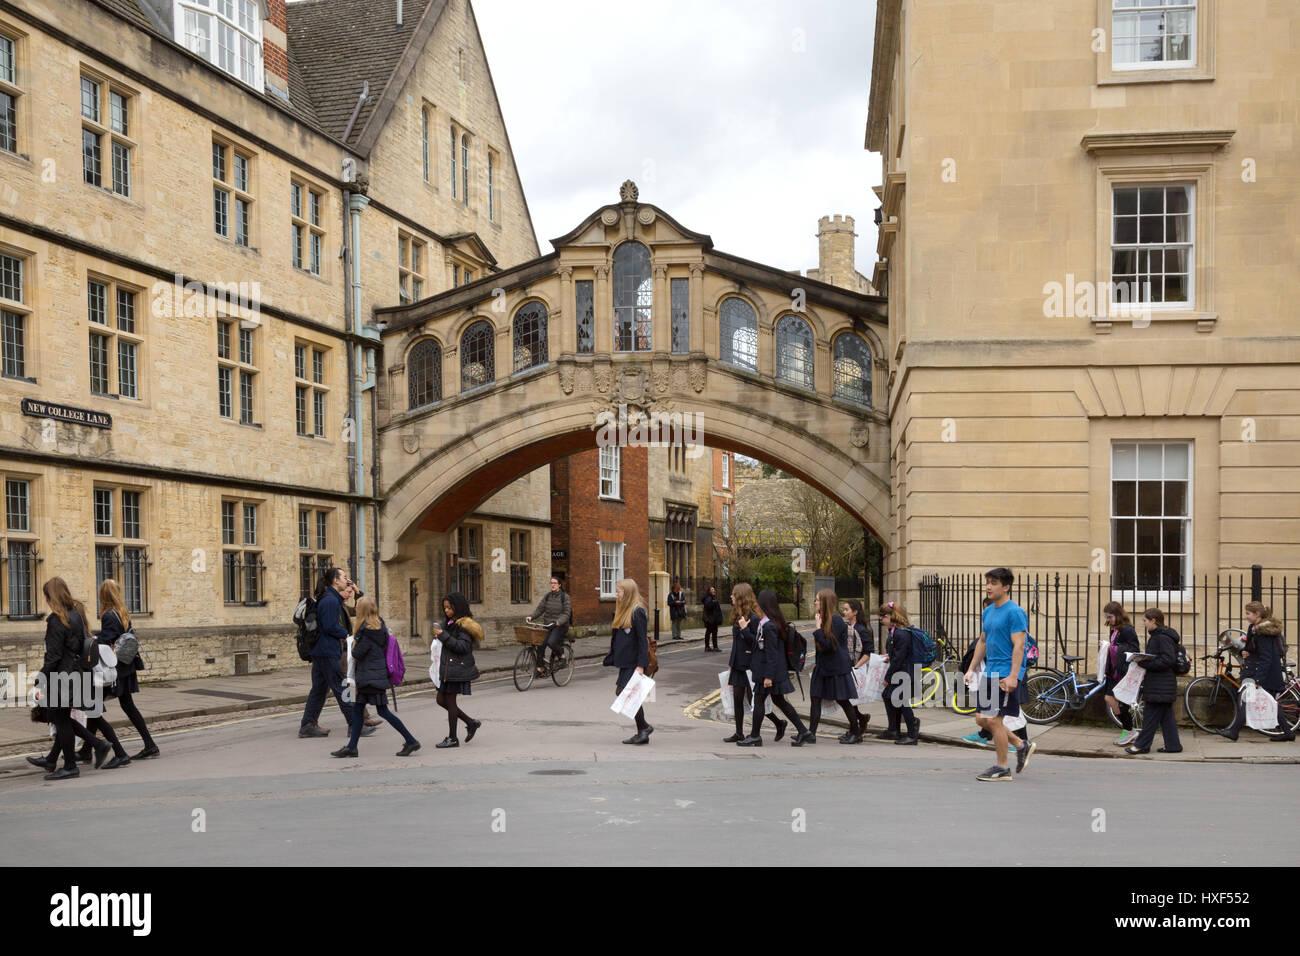 Los escolares en una excursión escolar, el Puente de los Suspiros, Hertford College, Oxford, Reino Unido Imagen De Stock